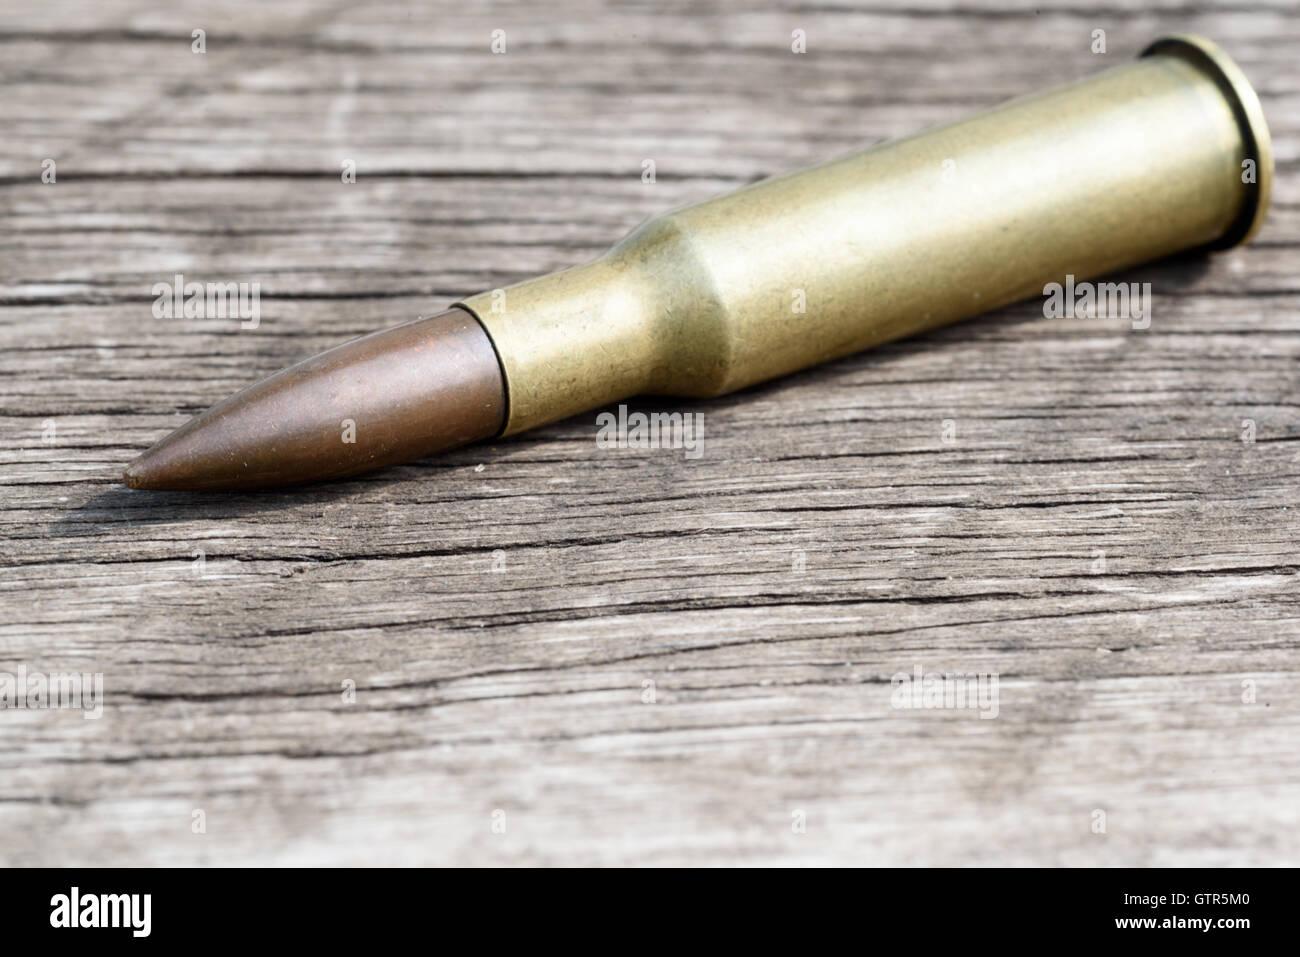 Einzelne ungebrannten 7,62 mm Kugel und Messing Gehäuse liegende Diagonal auf eine gealterte Holzoberfläche. Stockbild